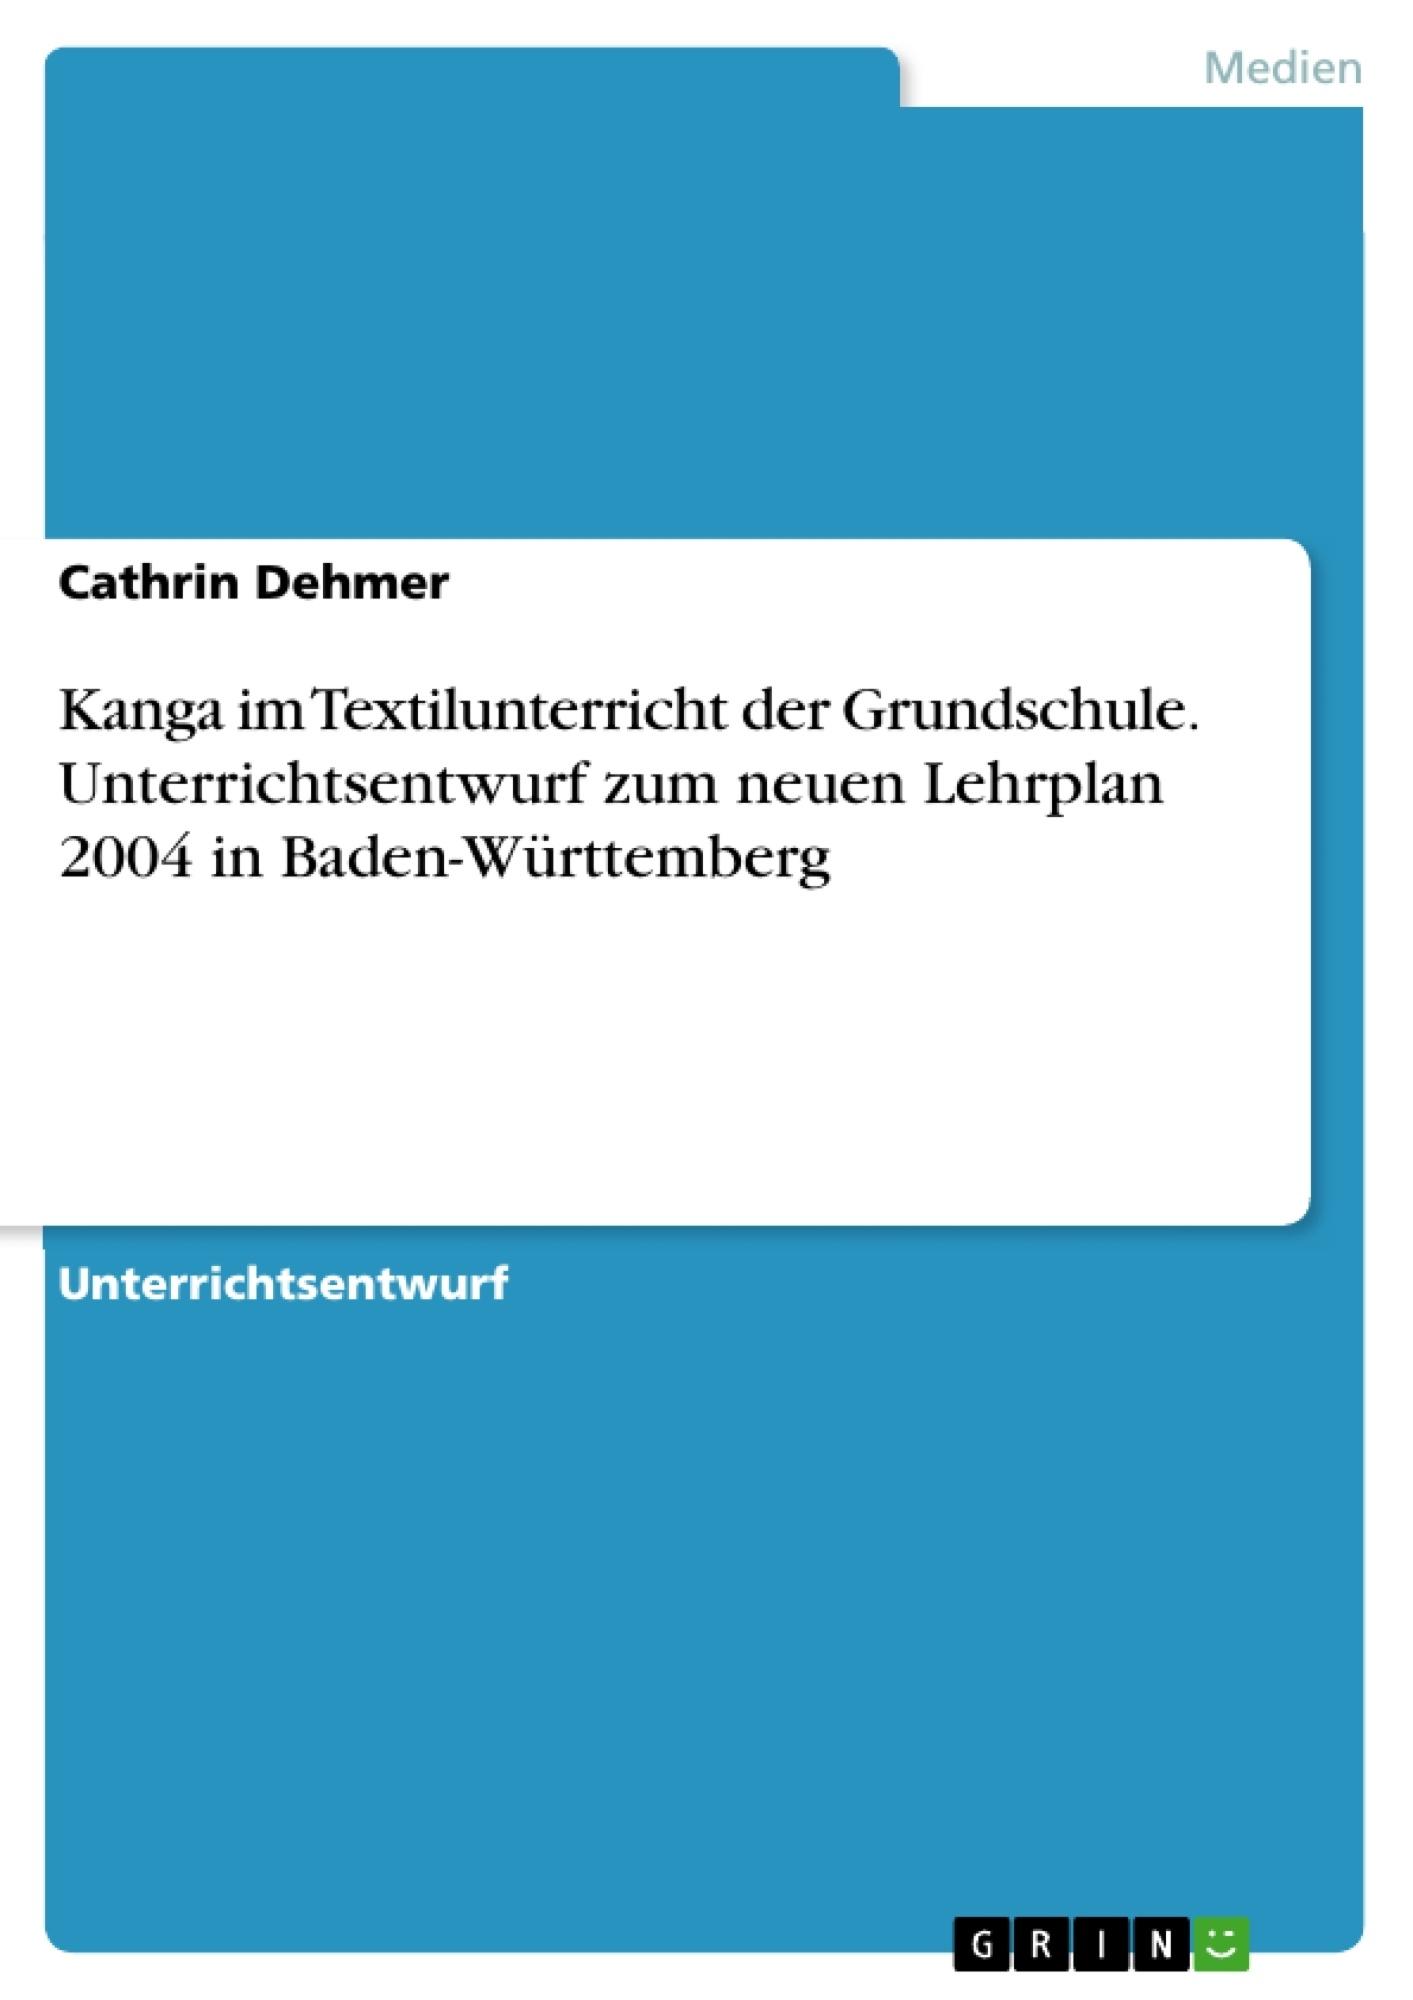 Titel: Kanga im Textilunterricht der Grundschule. Unterrichtsentwurf zum neuen Lehrplan 2004 in Baden-Württemberg